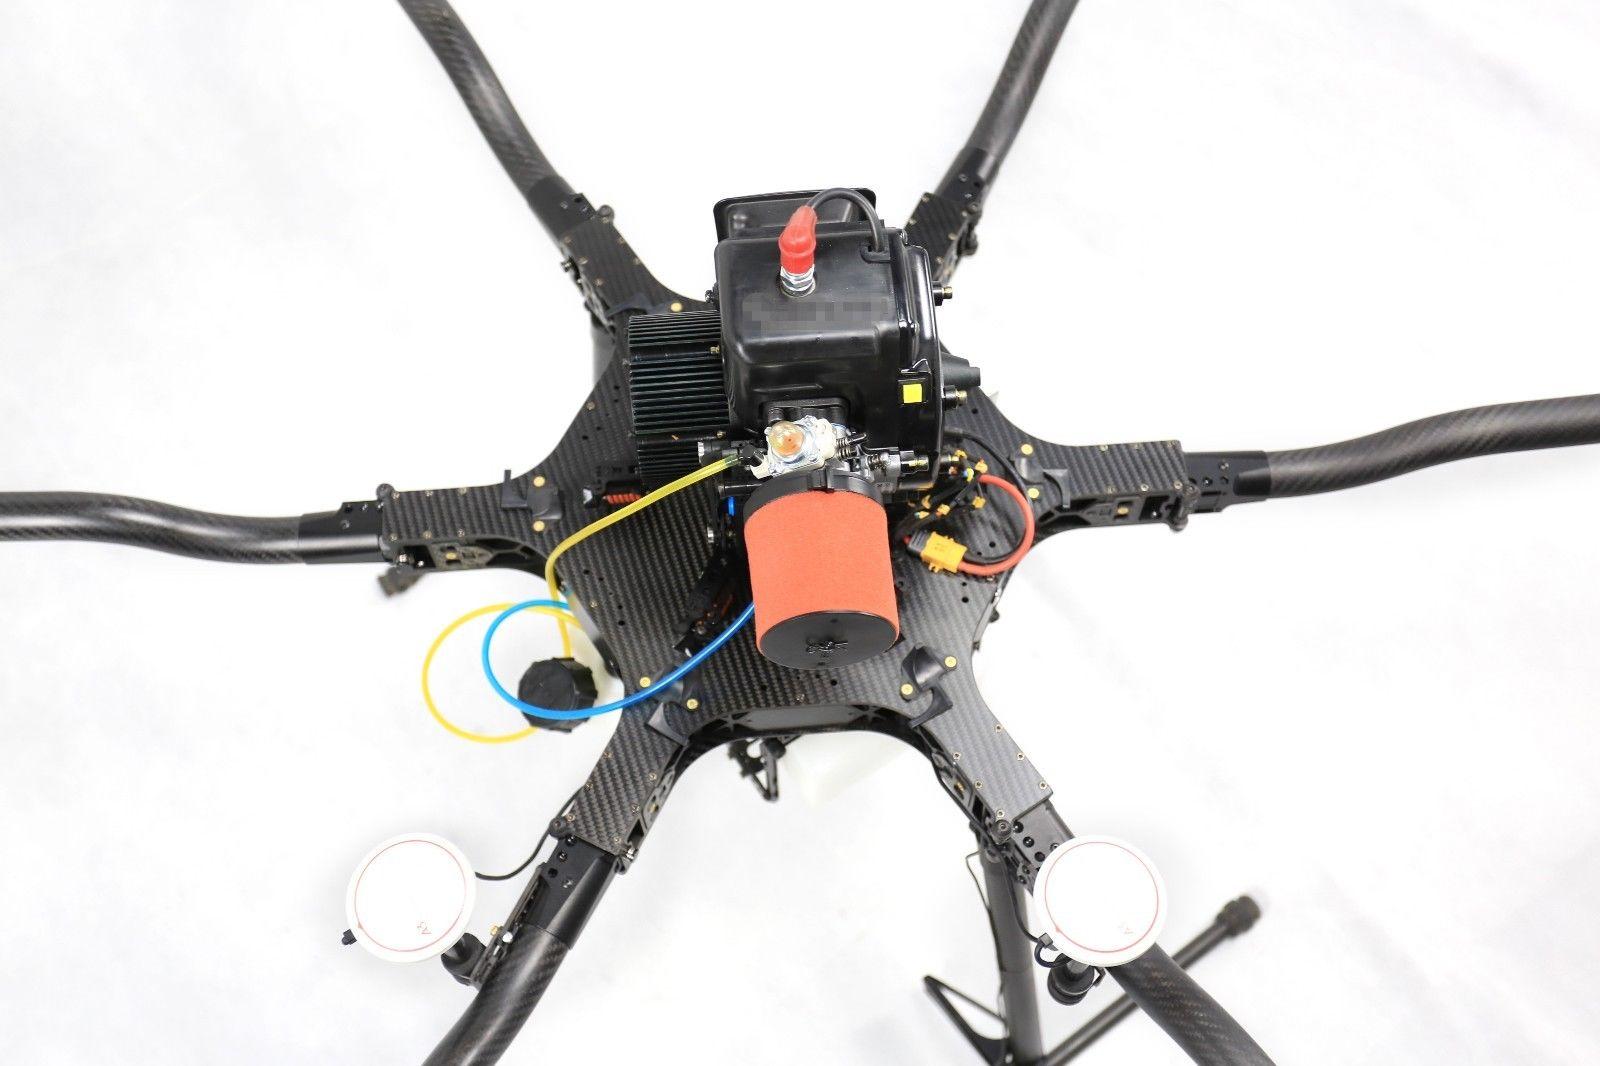 Nuevo récord de autonomía en un dron multirrotor